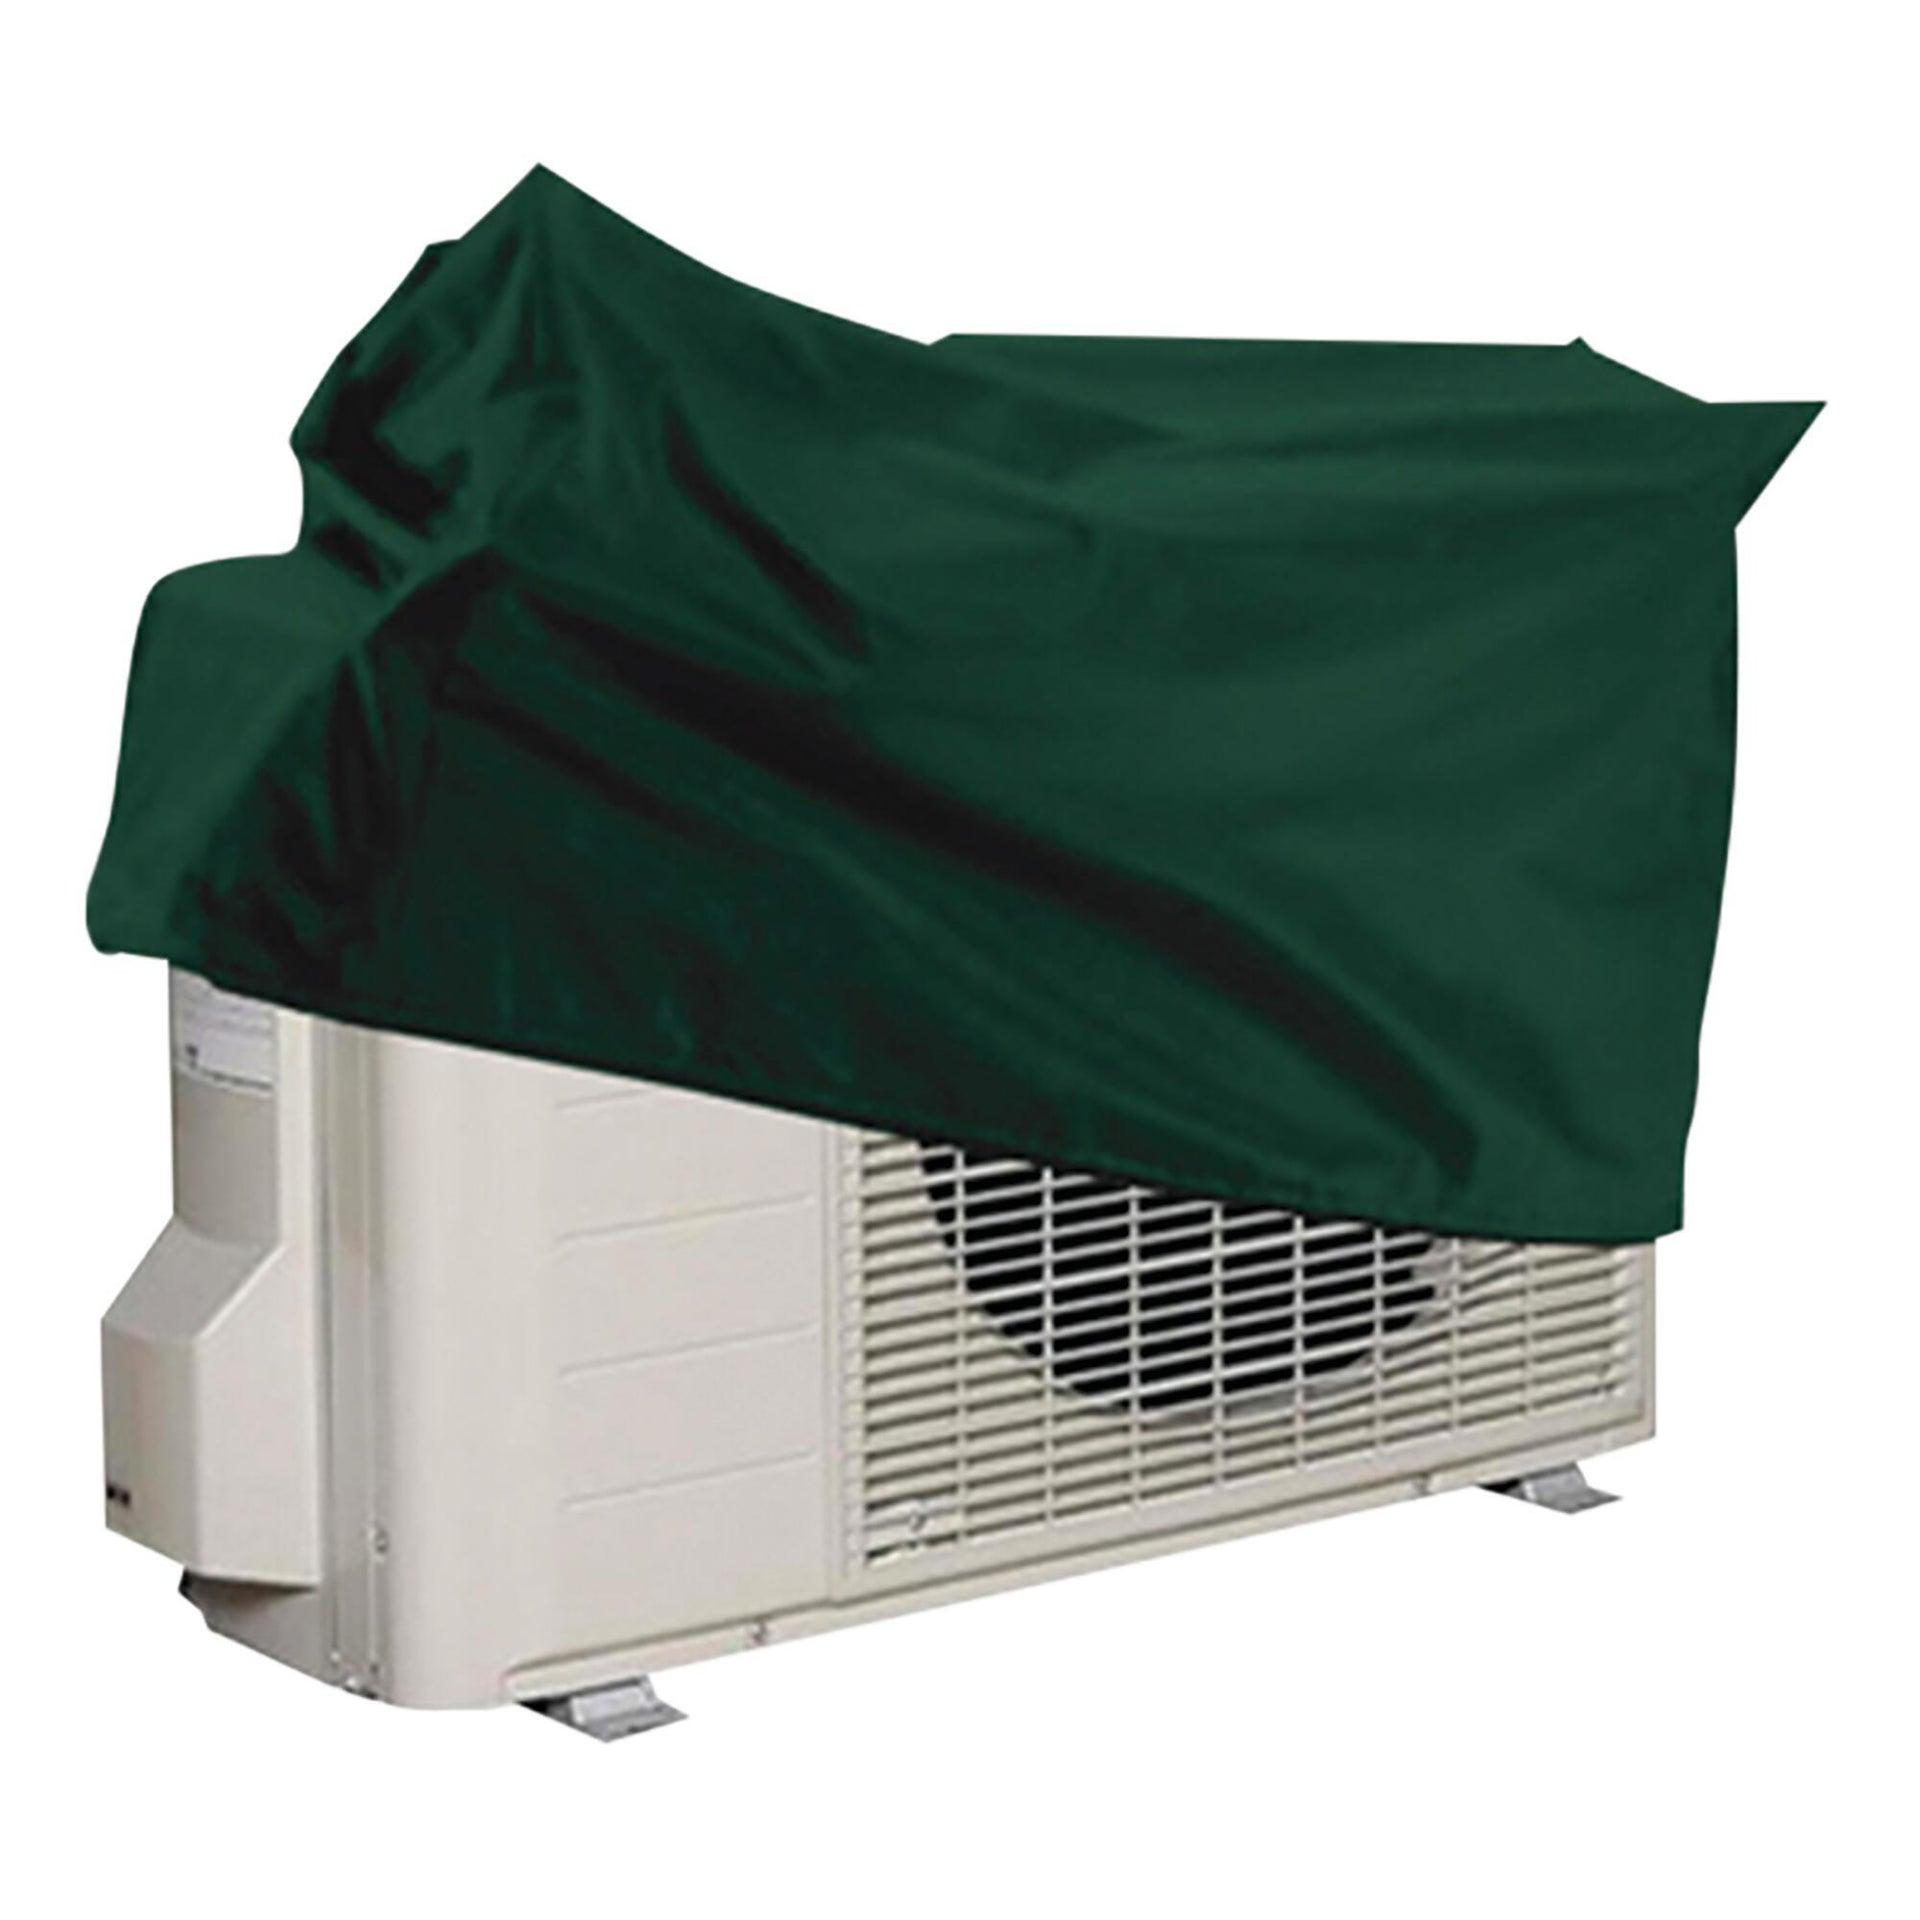 Copertura protettiva per condizionatore in pvc L 86 x P 40 x H 70 cm - 3